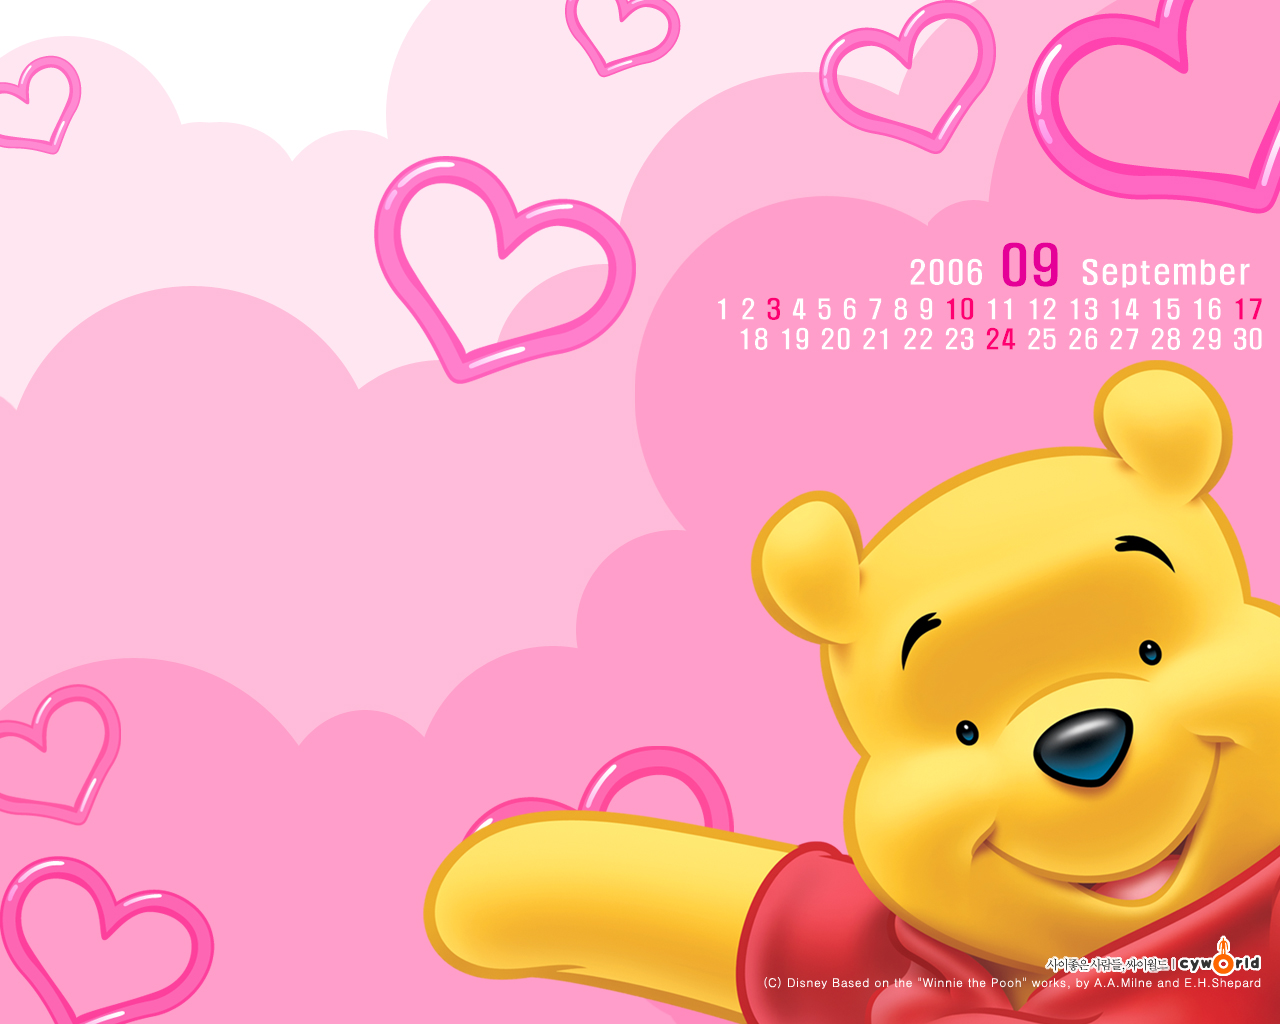 pooh wallpaper [1280x1024